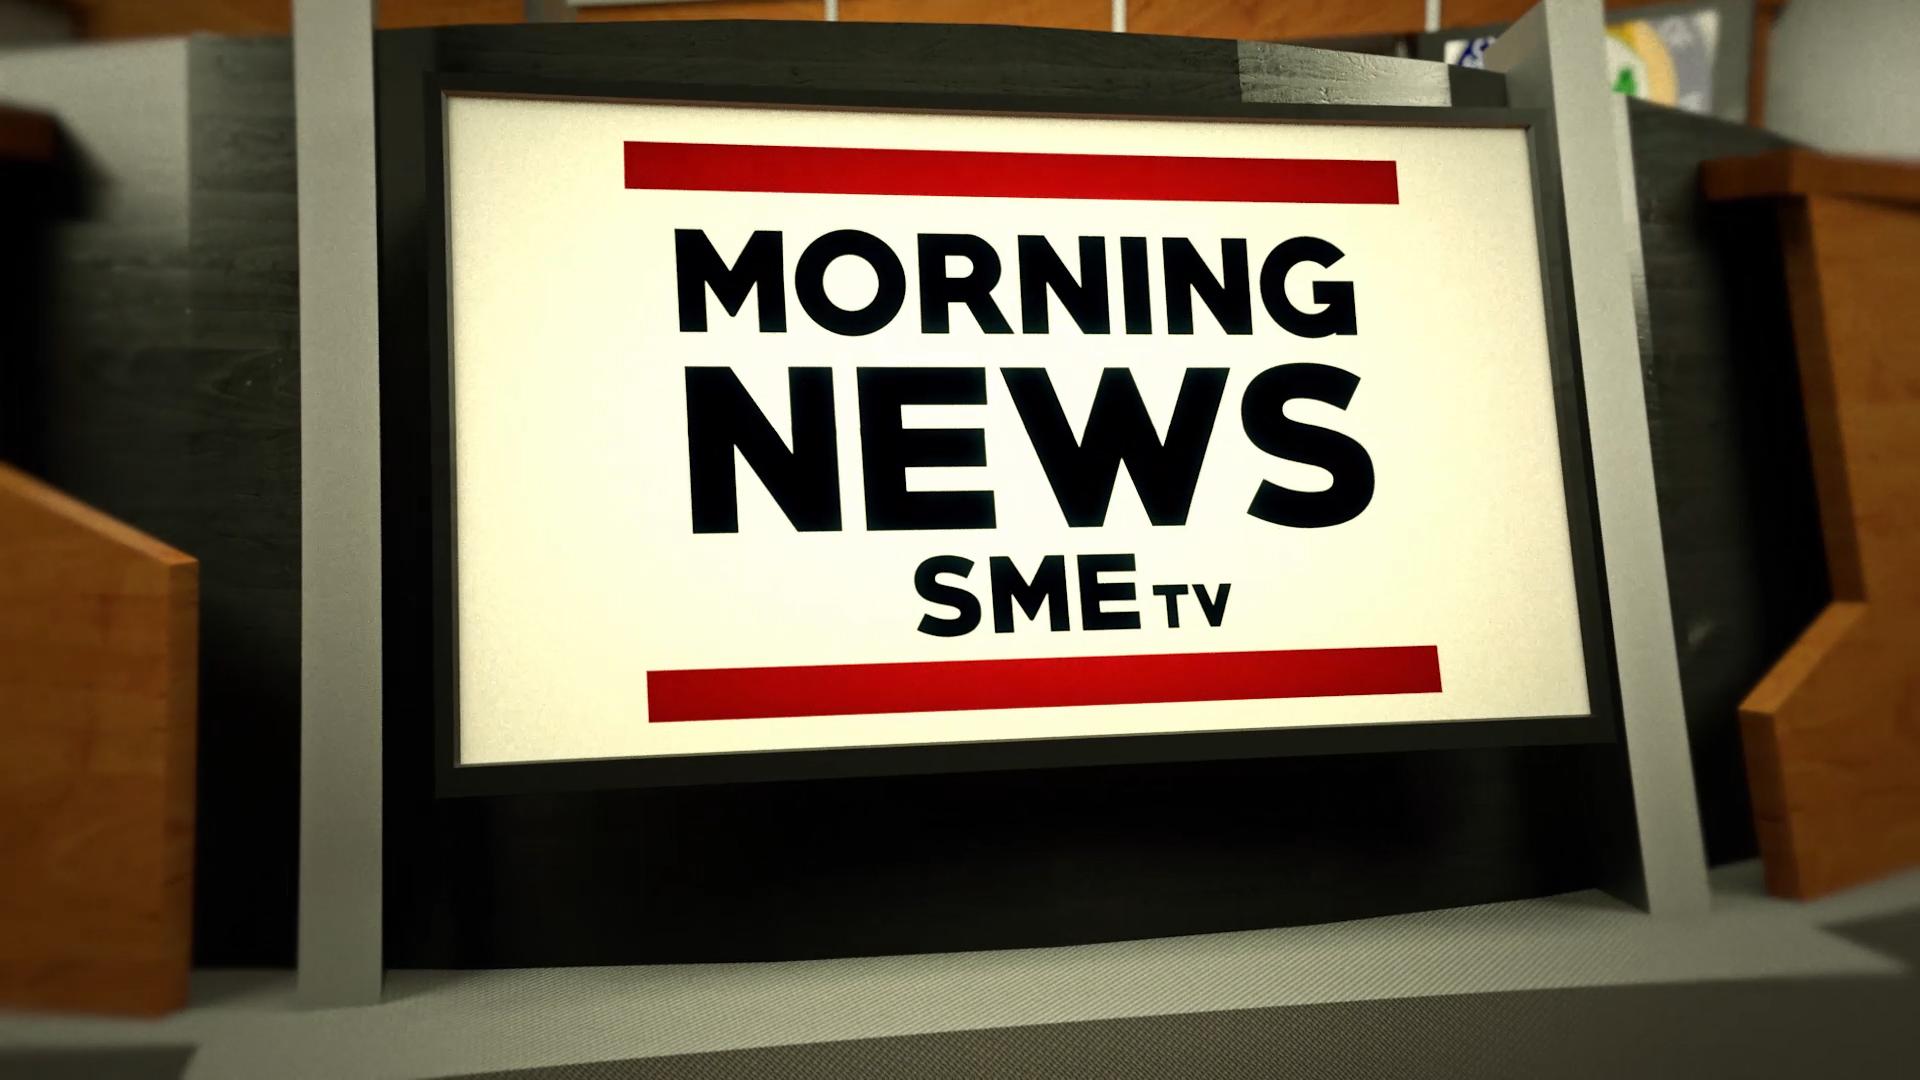 SMETV: MORNING NEWS